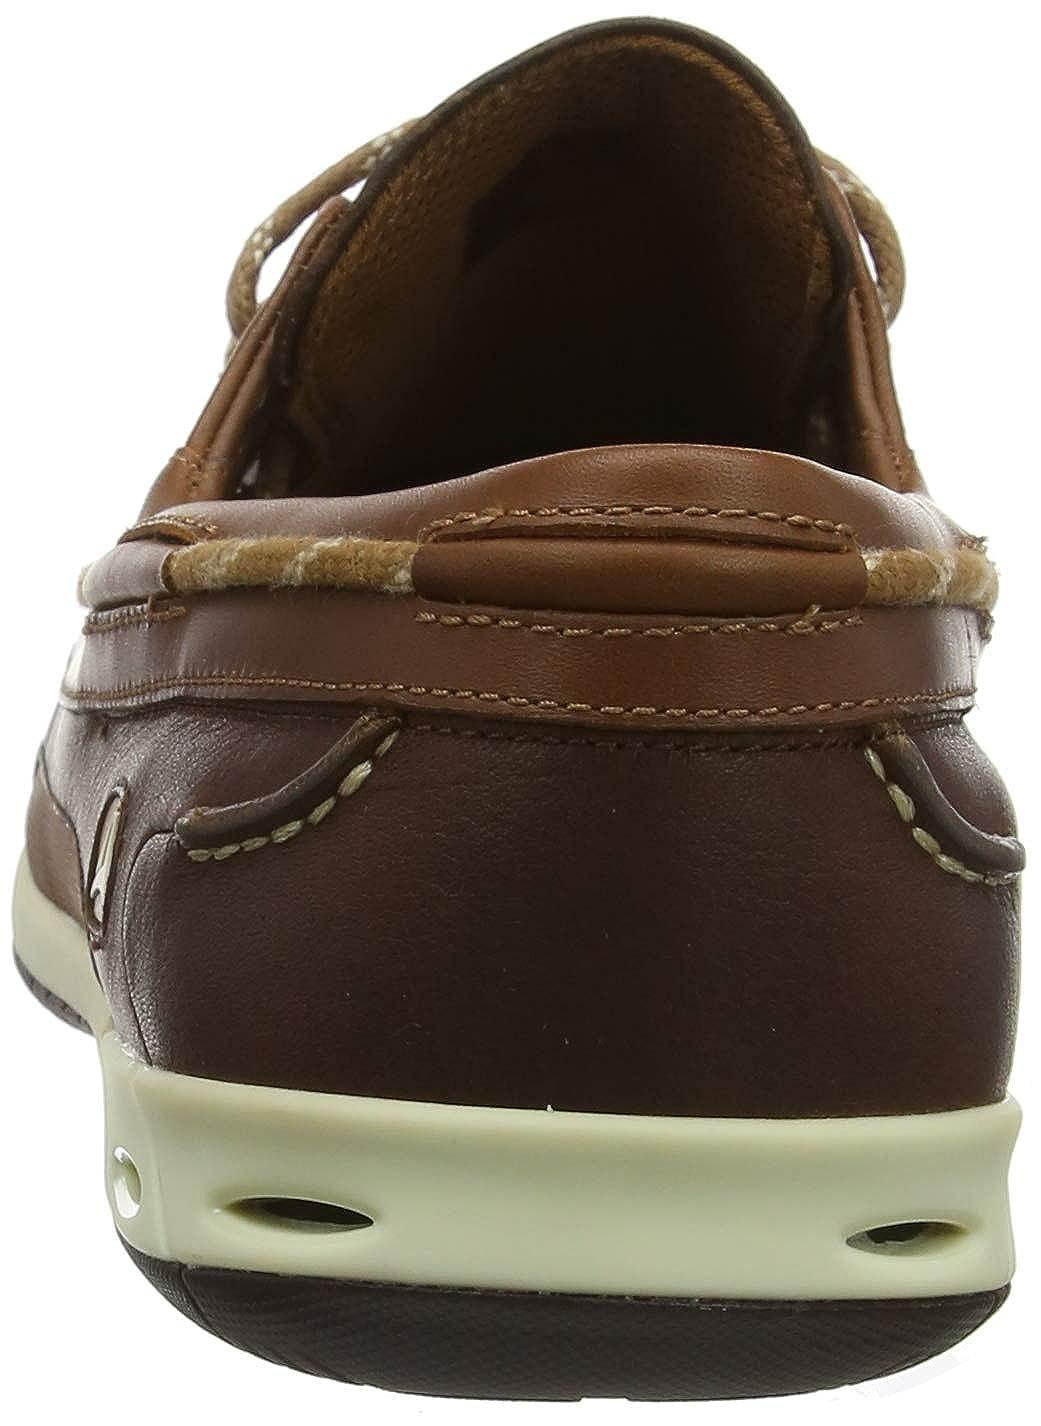 Clarks Orson Harbour Zapatos de Cordones Derby para Hombre